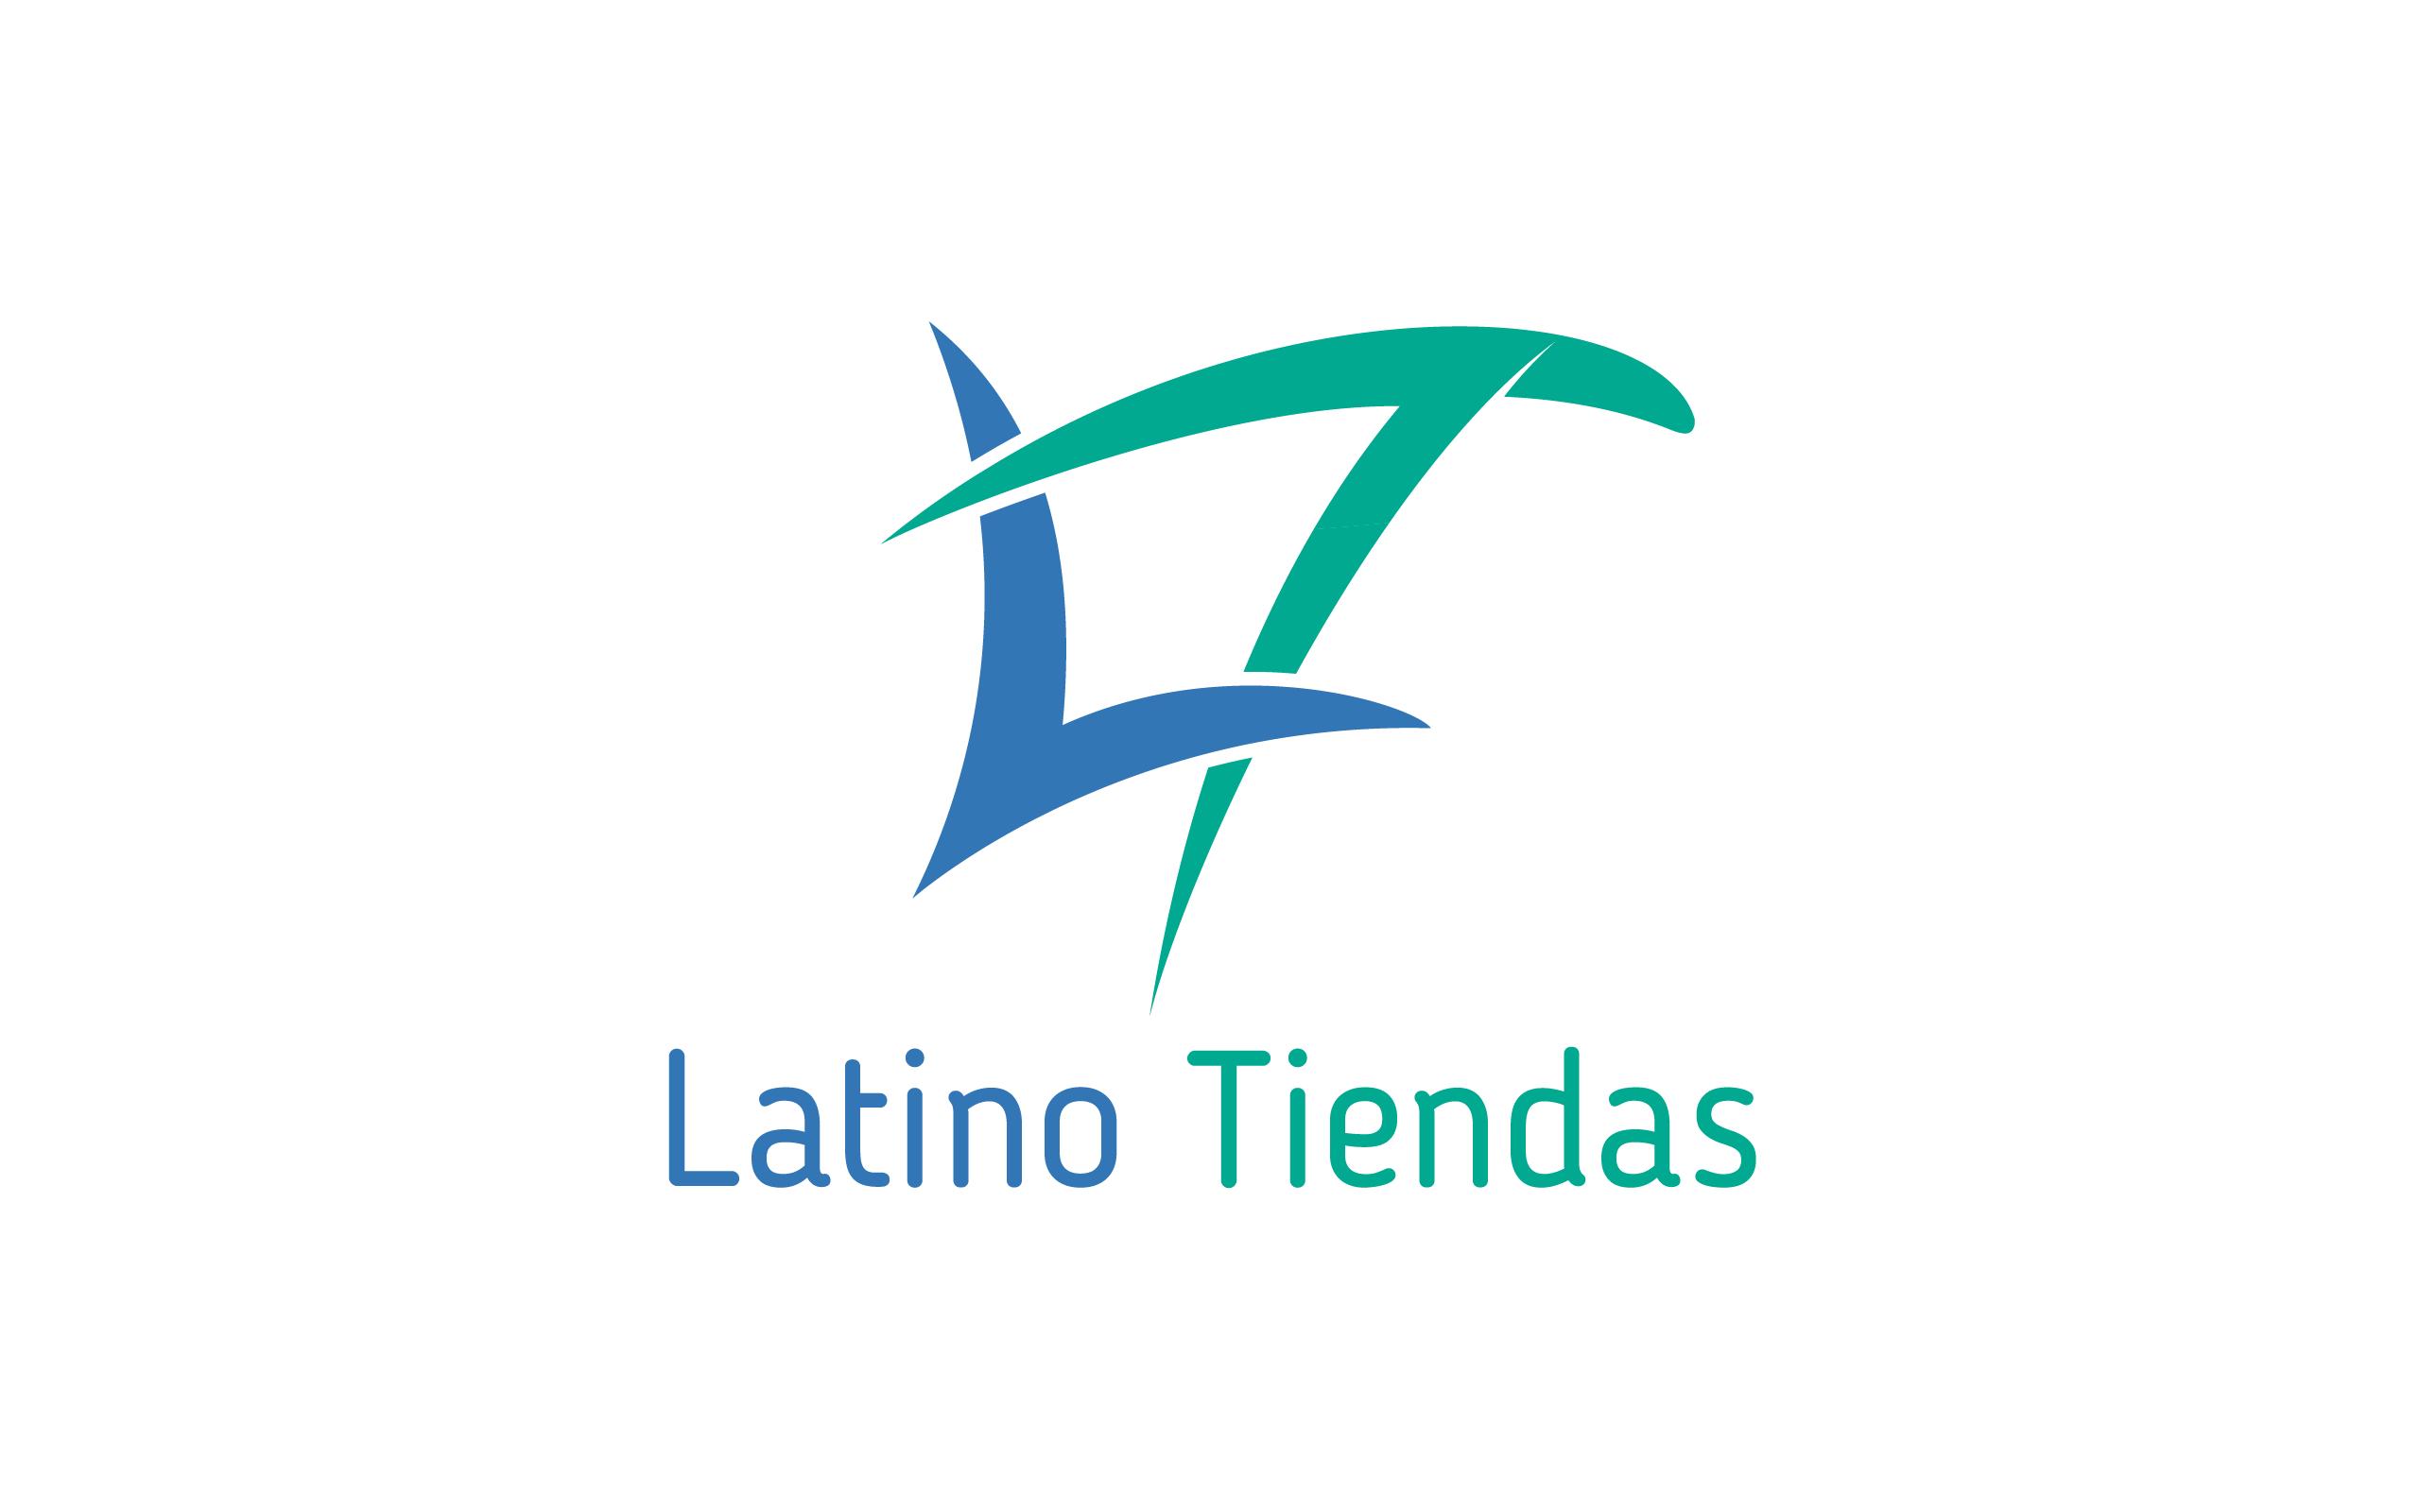 Modern Upmarket Ecommerce Logo Design For Latinotiendas By Reemgd Design 24707013